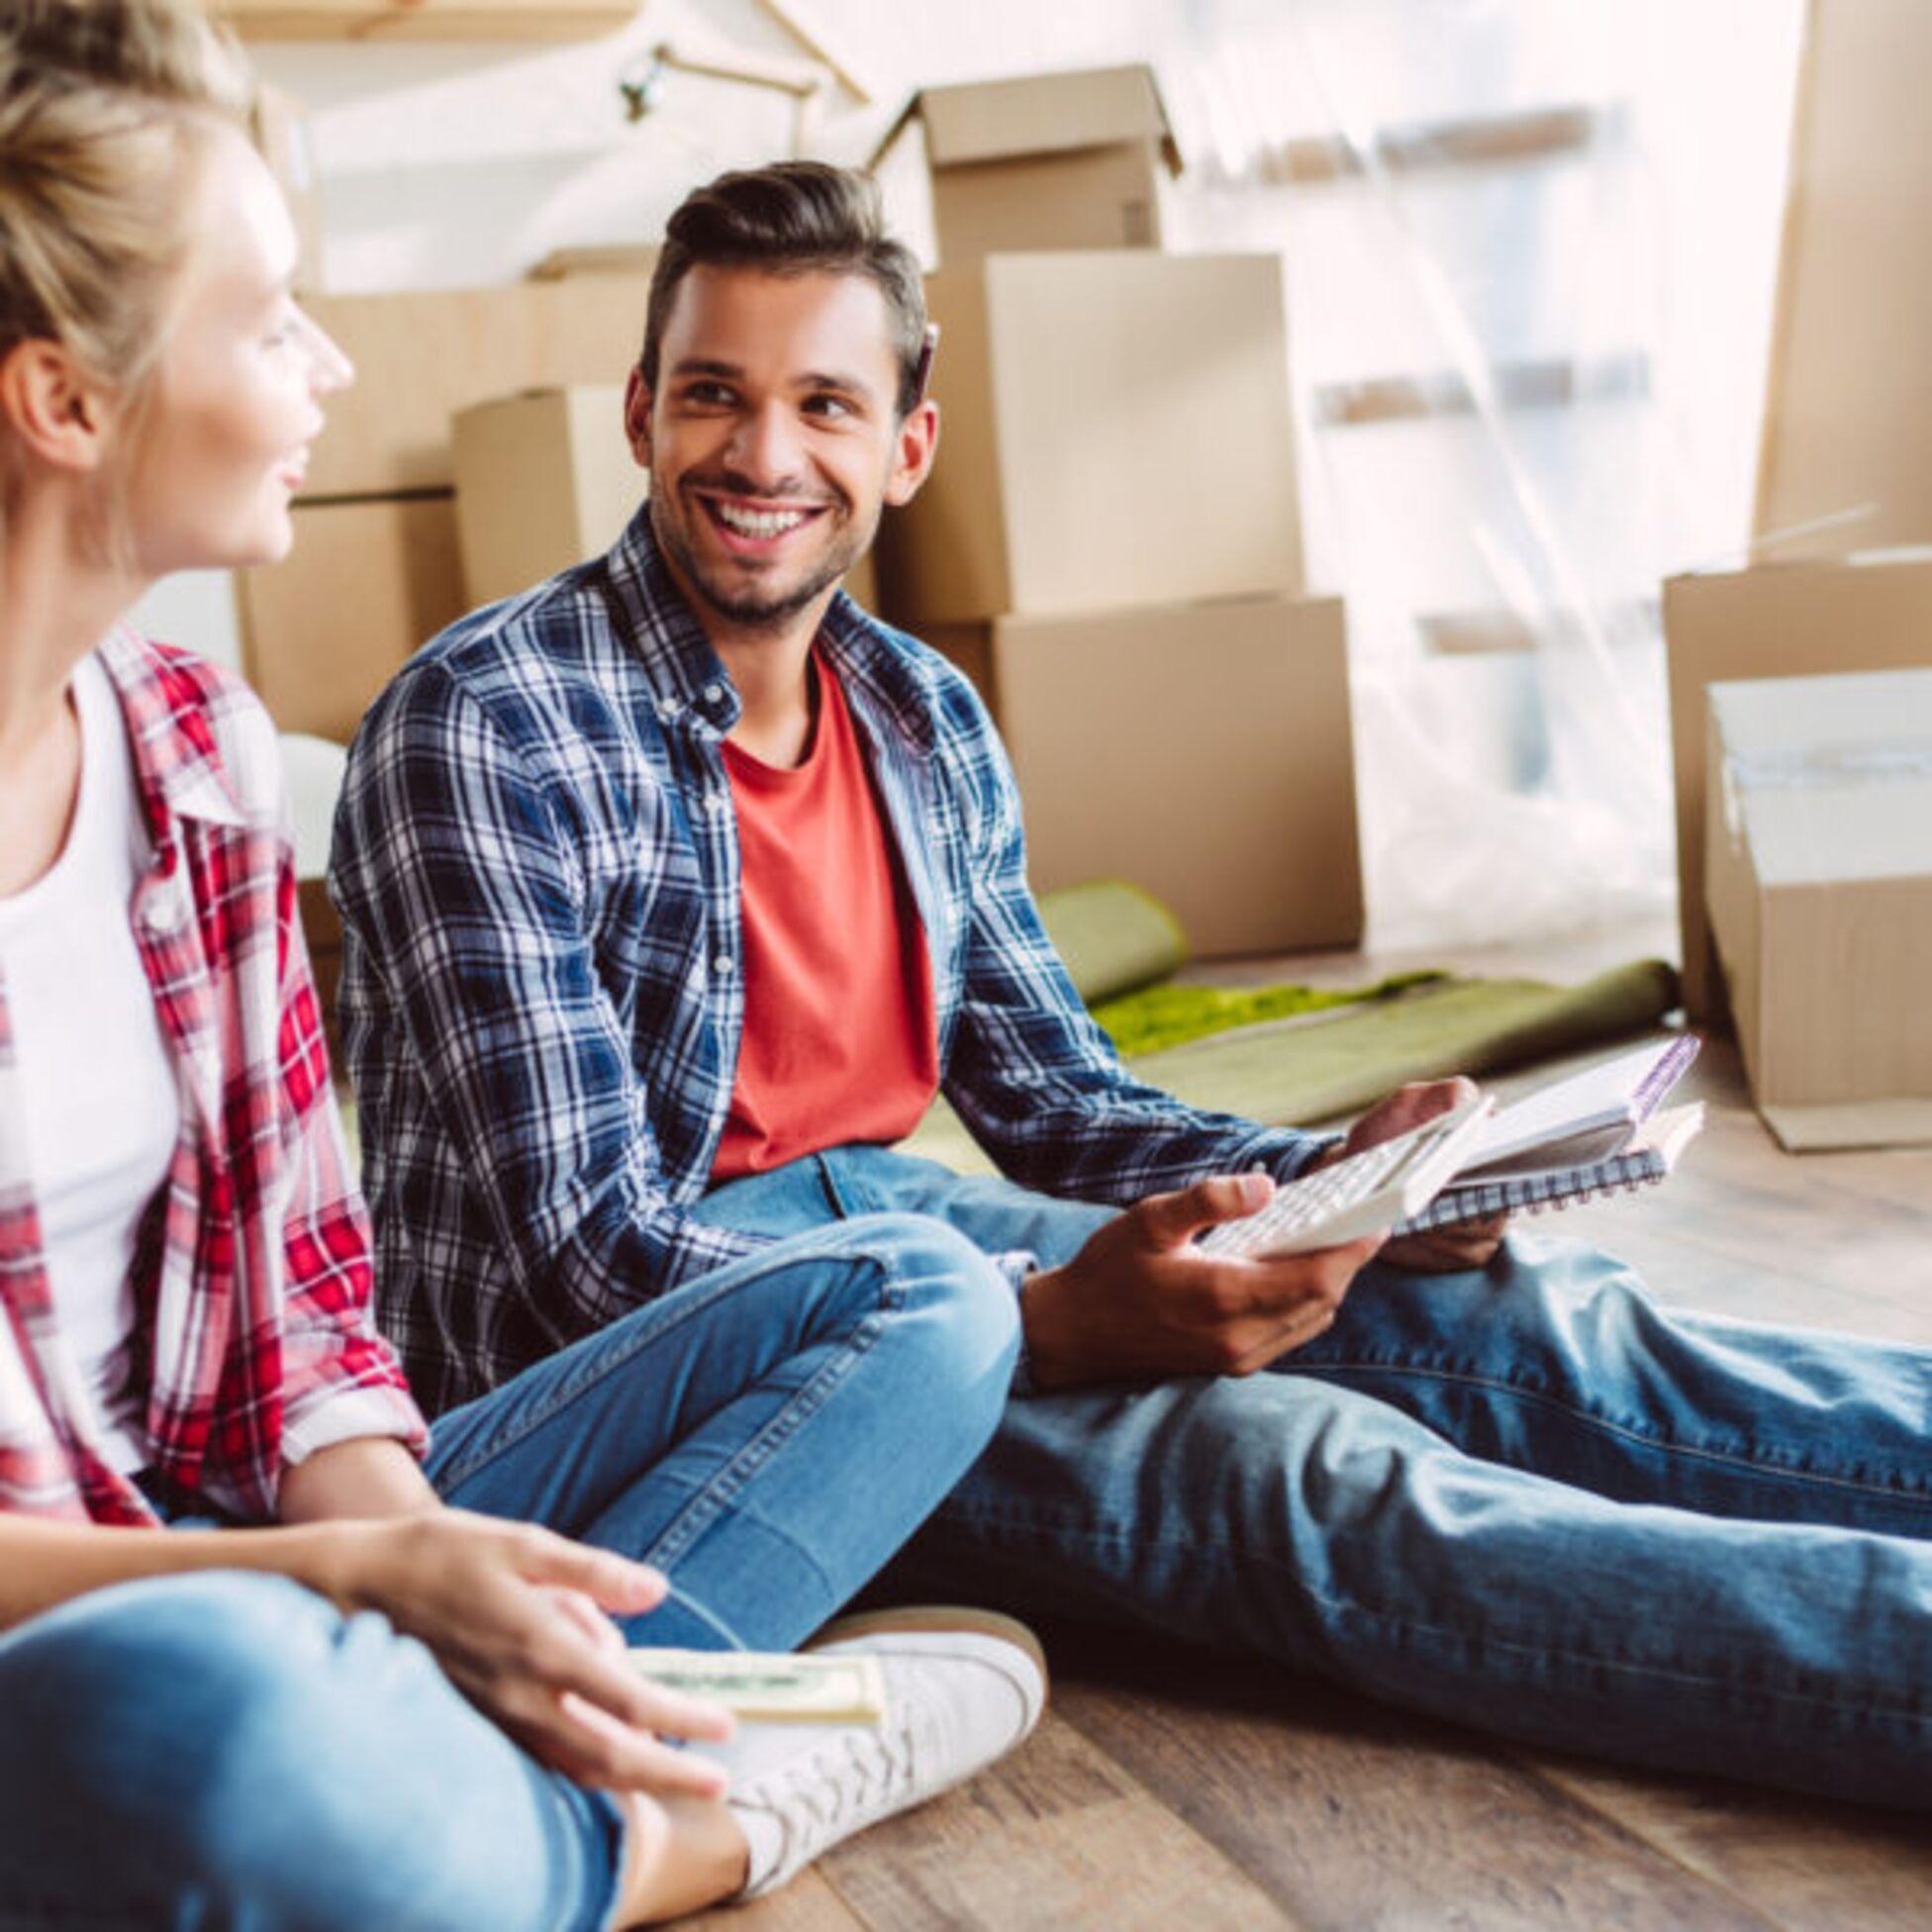 Junges Paar sitzt mit Umzugskartons und Taschenrechner auf dem Fußboden einer Wohnung